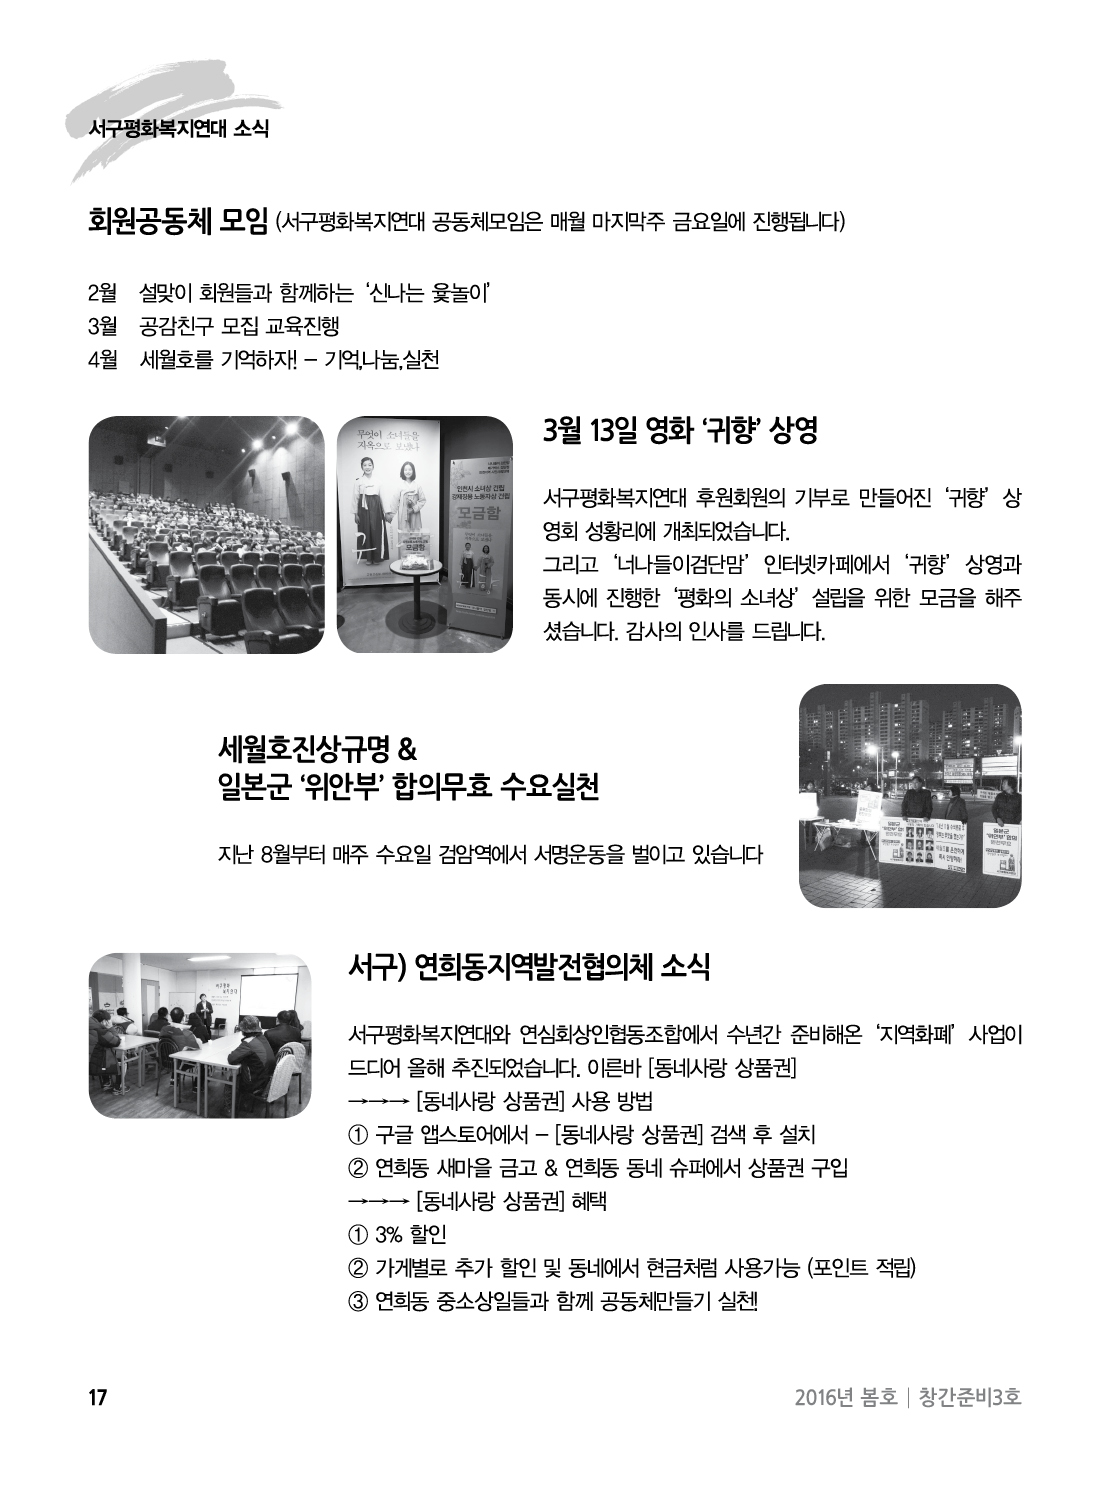 아웃라인 인천평화복지연대 소식지창간준비3호17.jpg